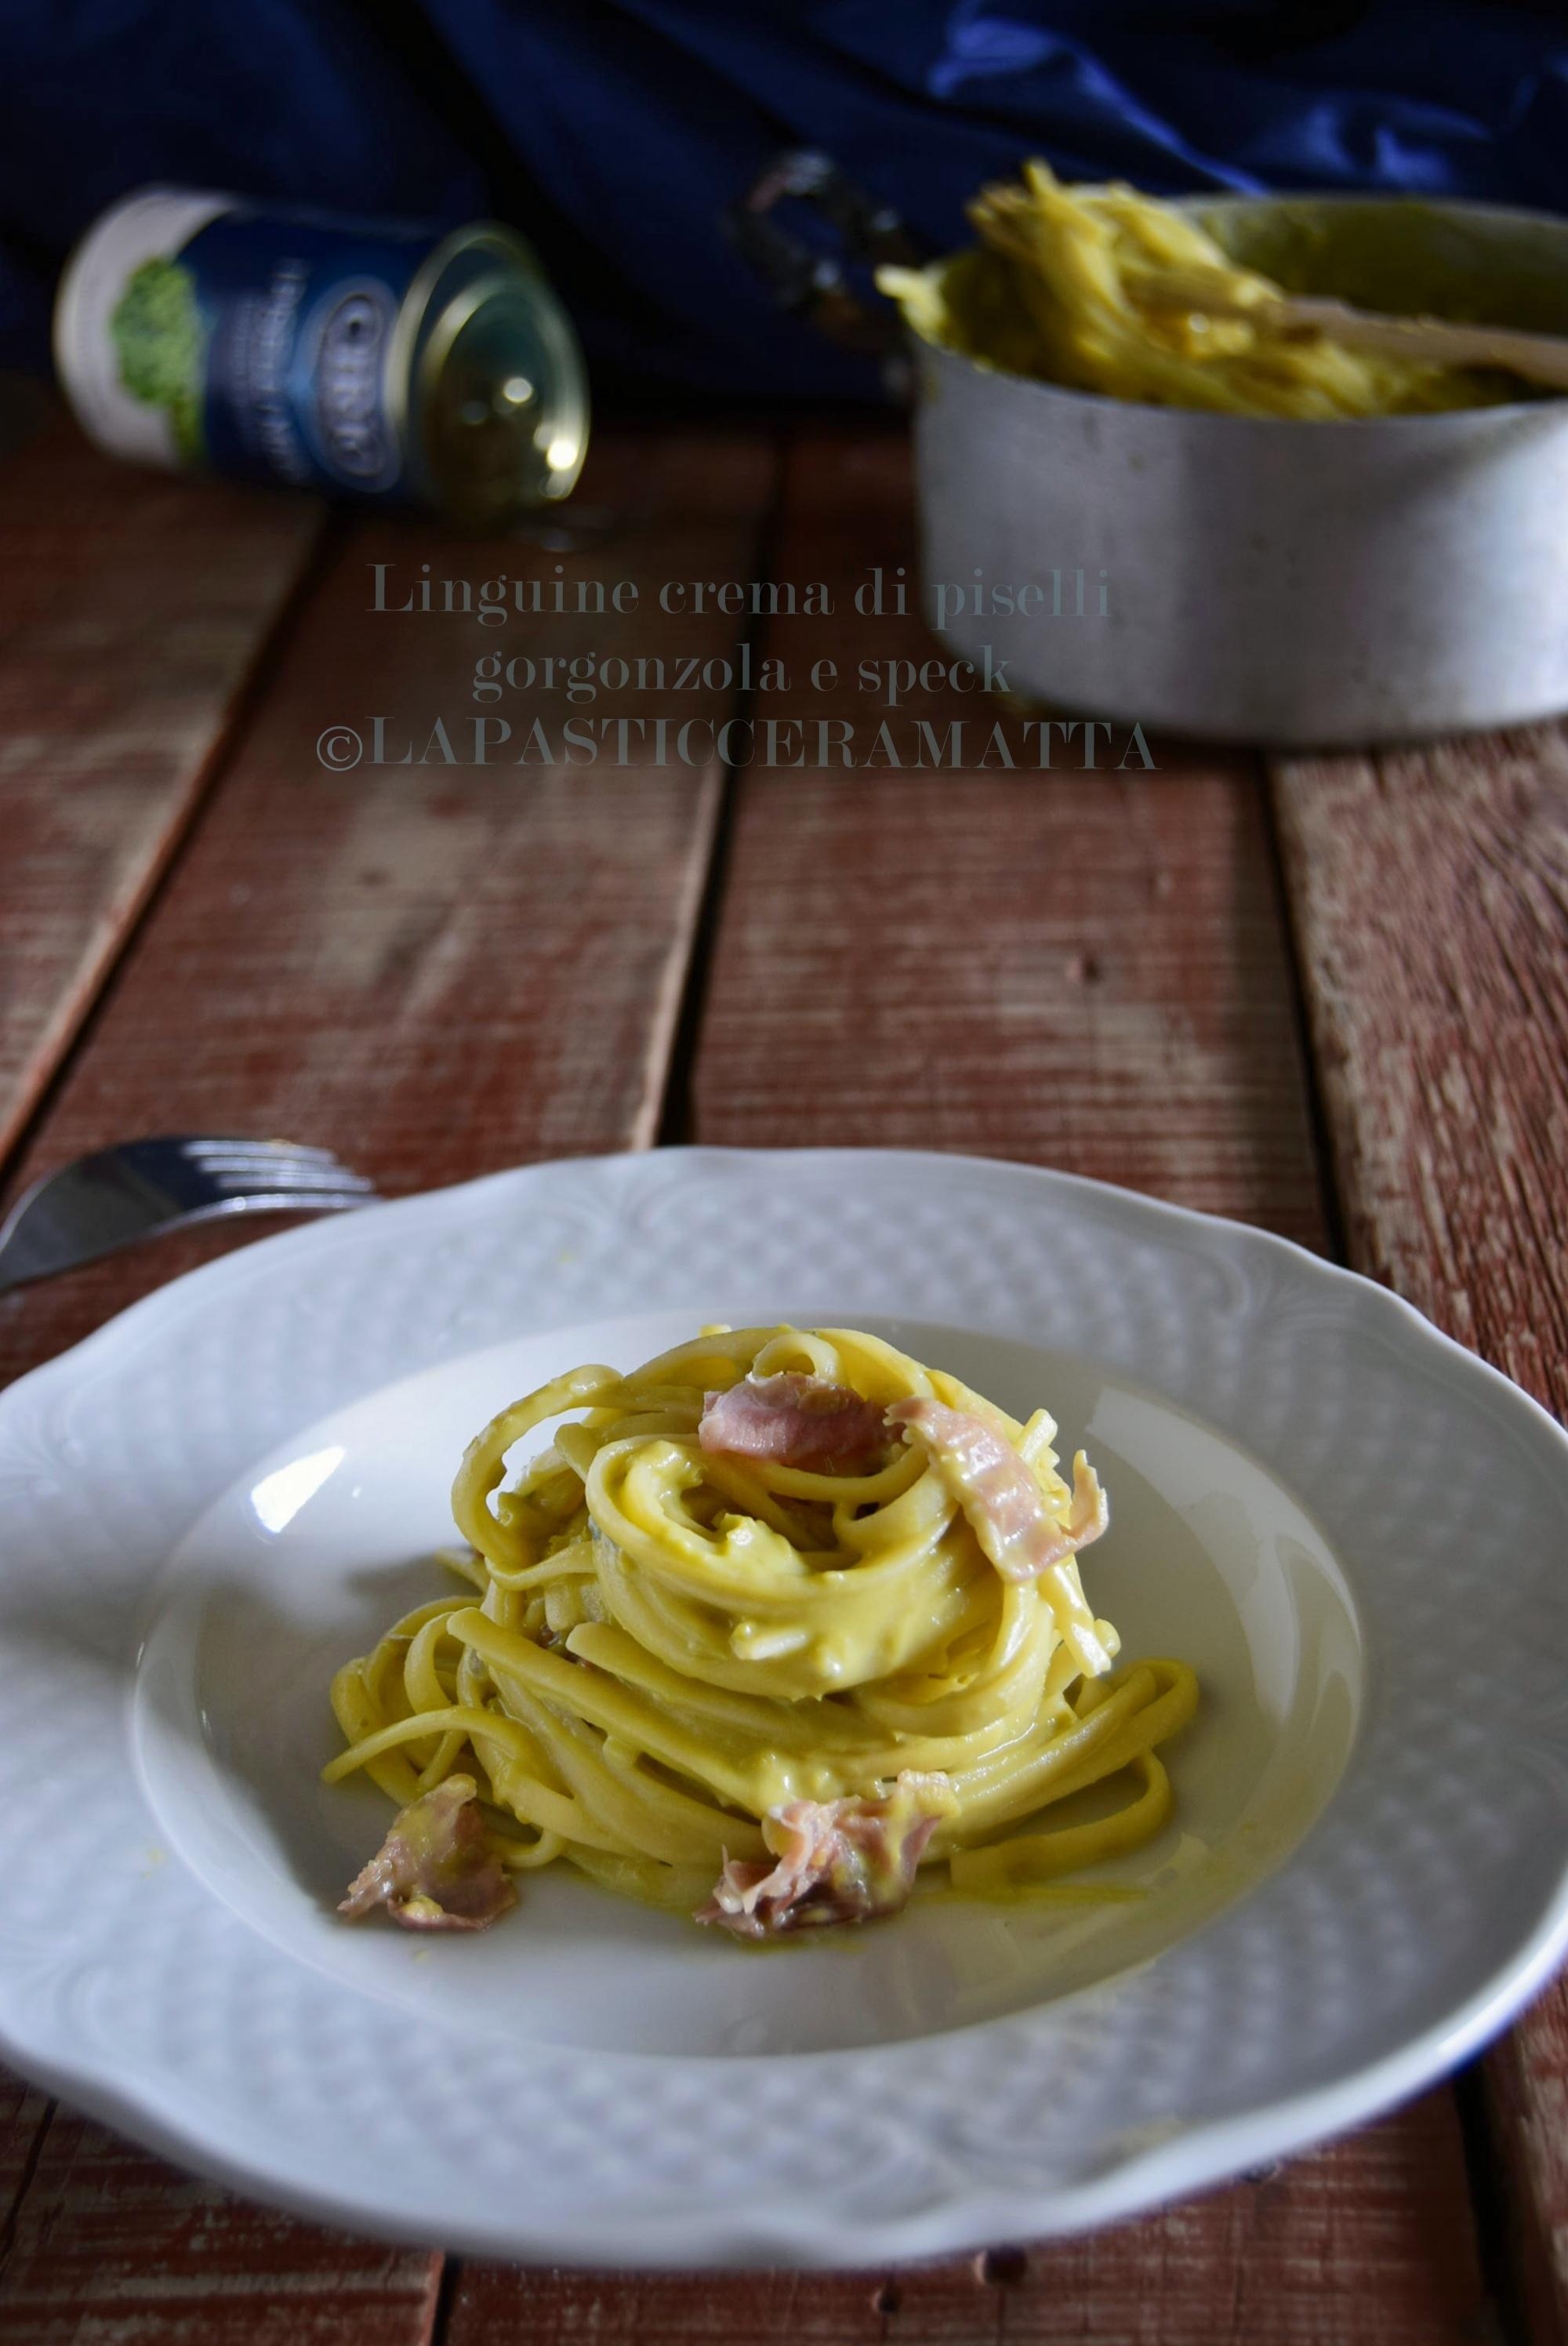 Linguine con crema di piselli, gorgonzola e speck